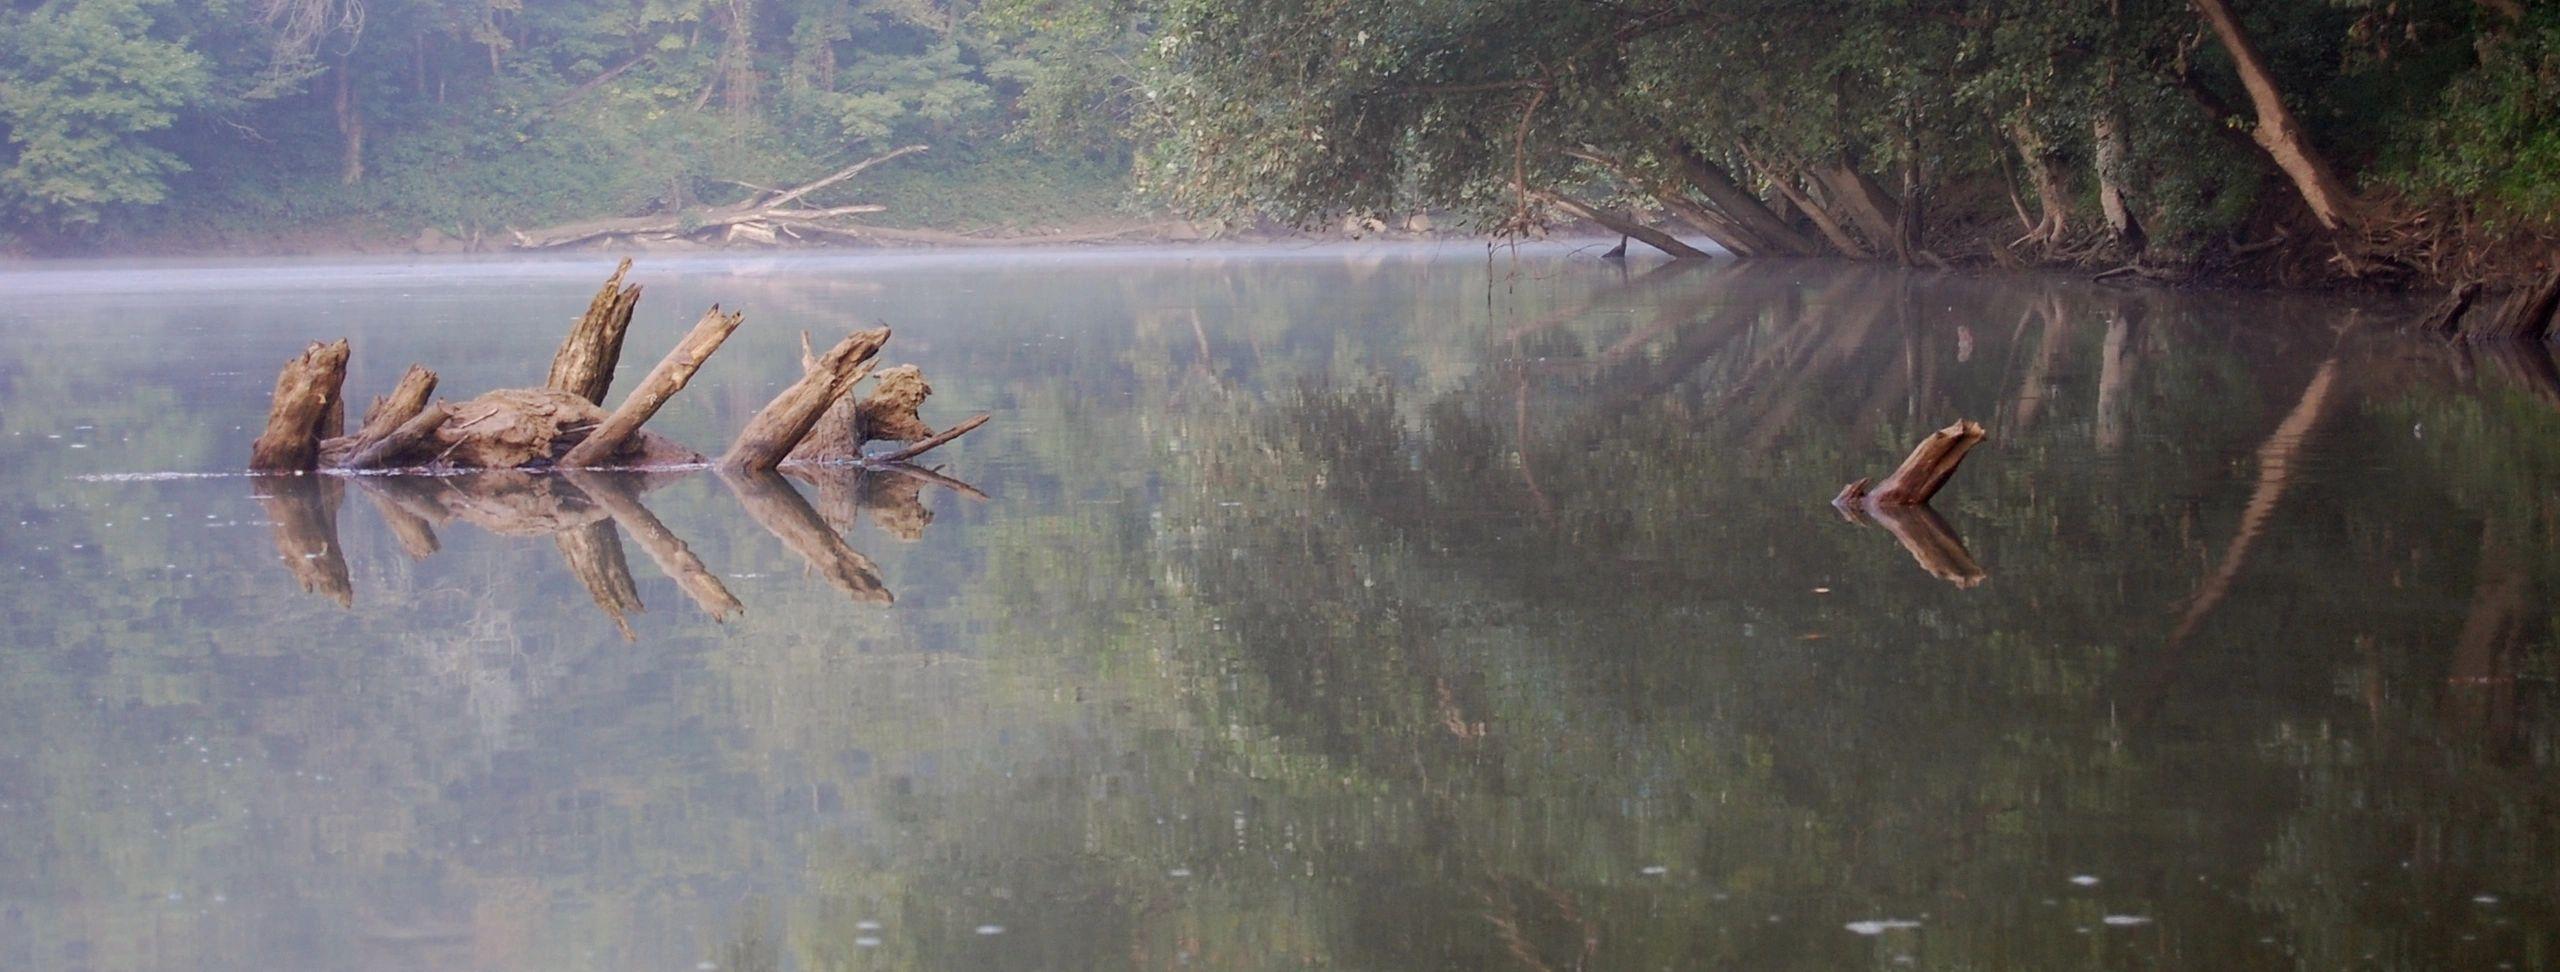 Kentucky Riverkeeper